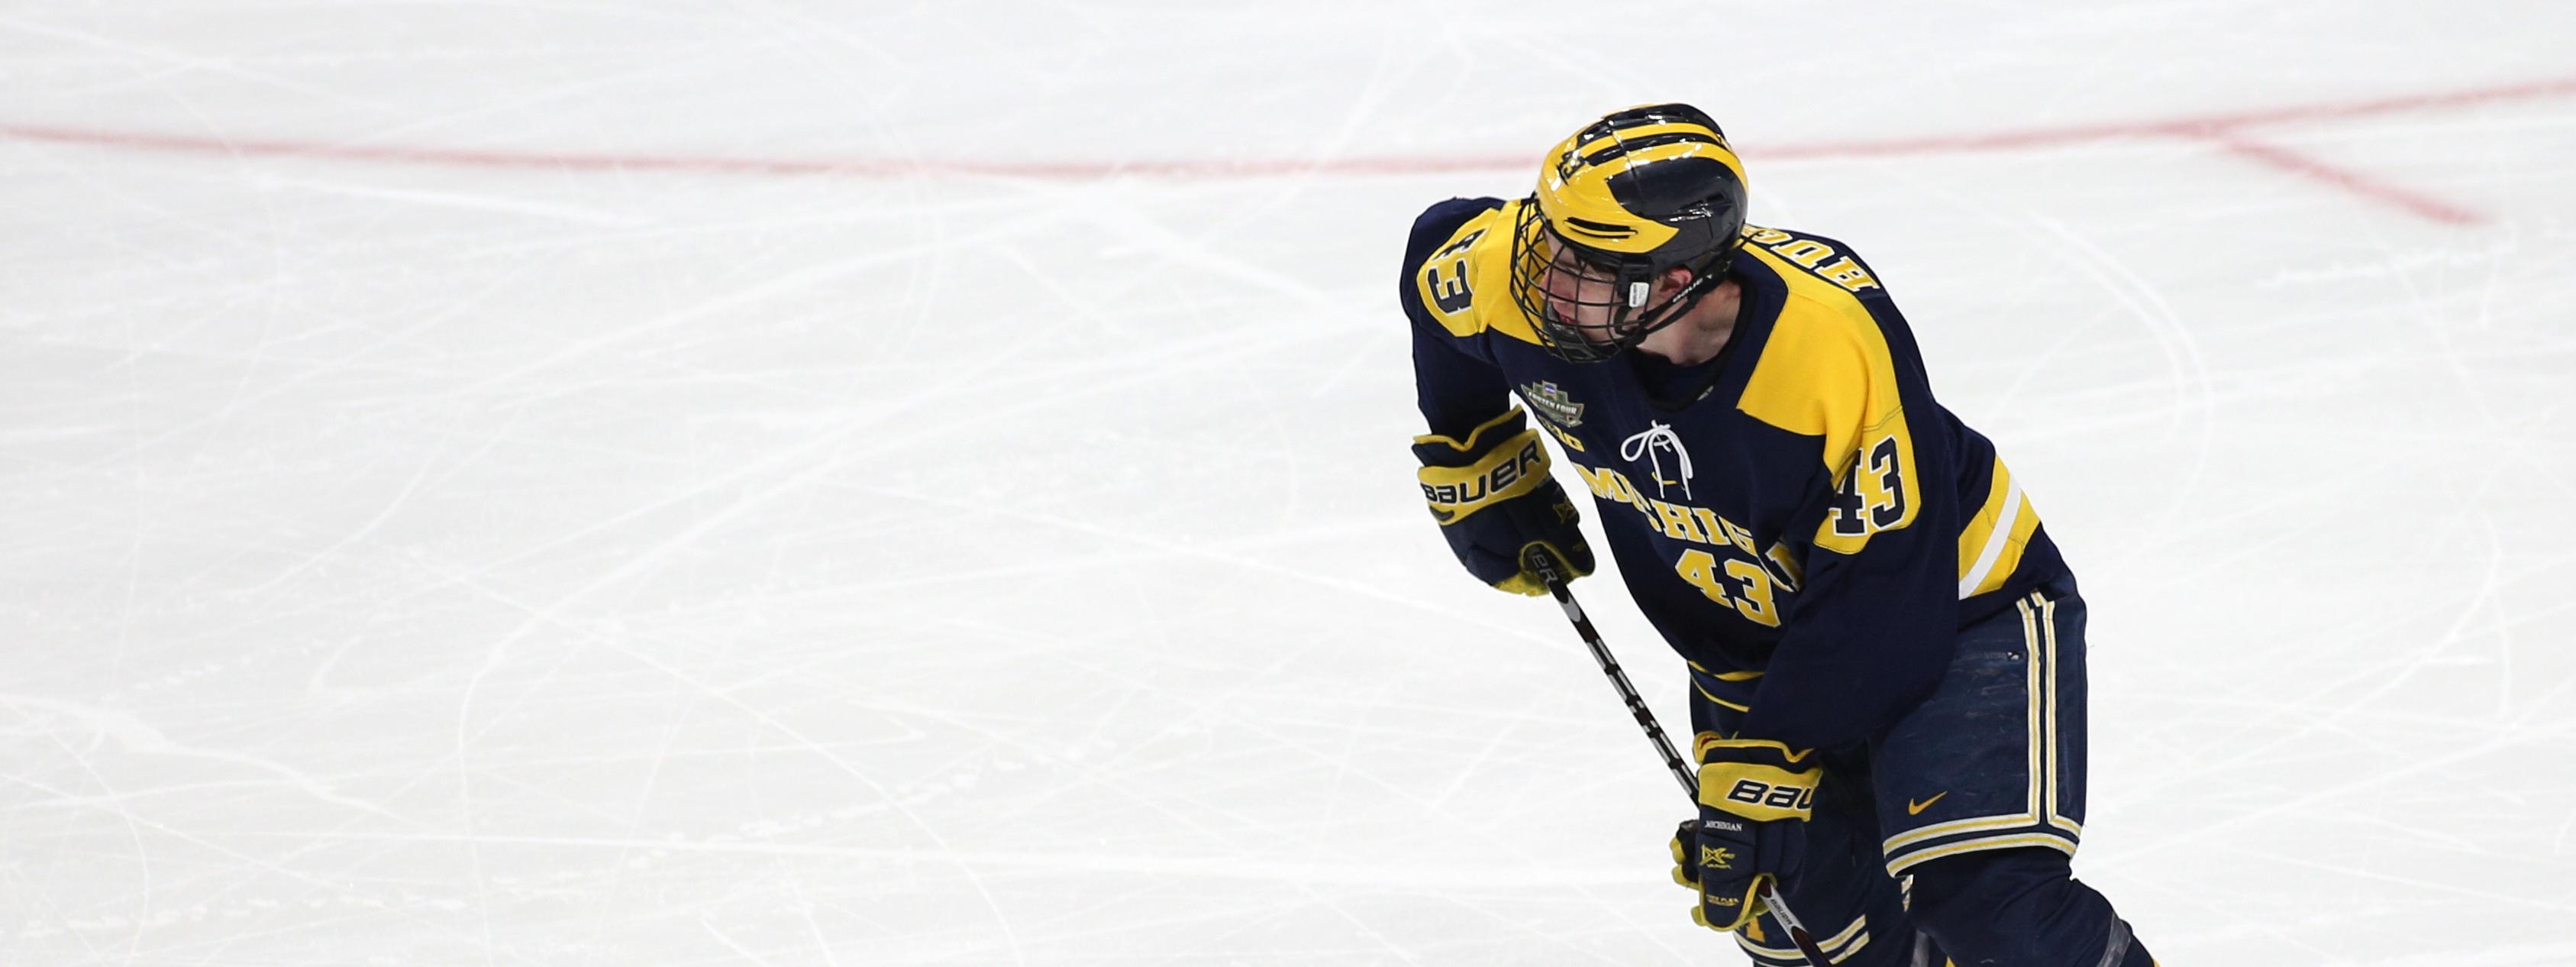 b4d779b0 USA Hockey